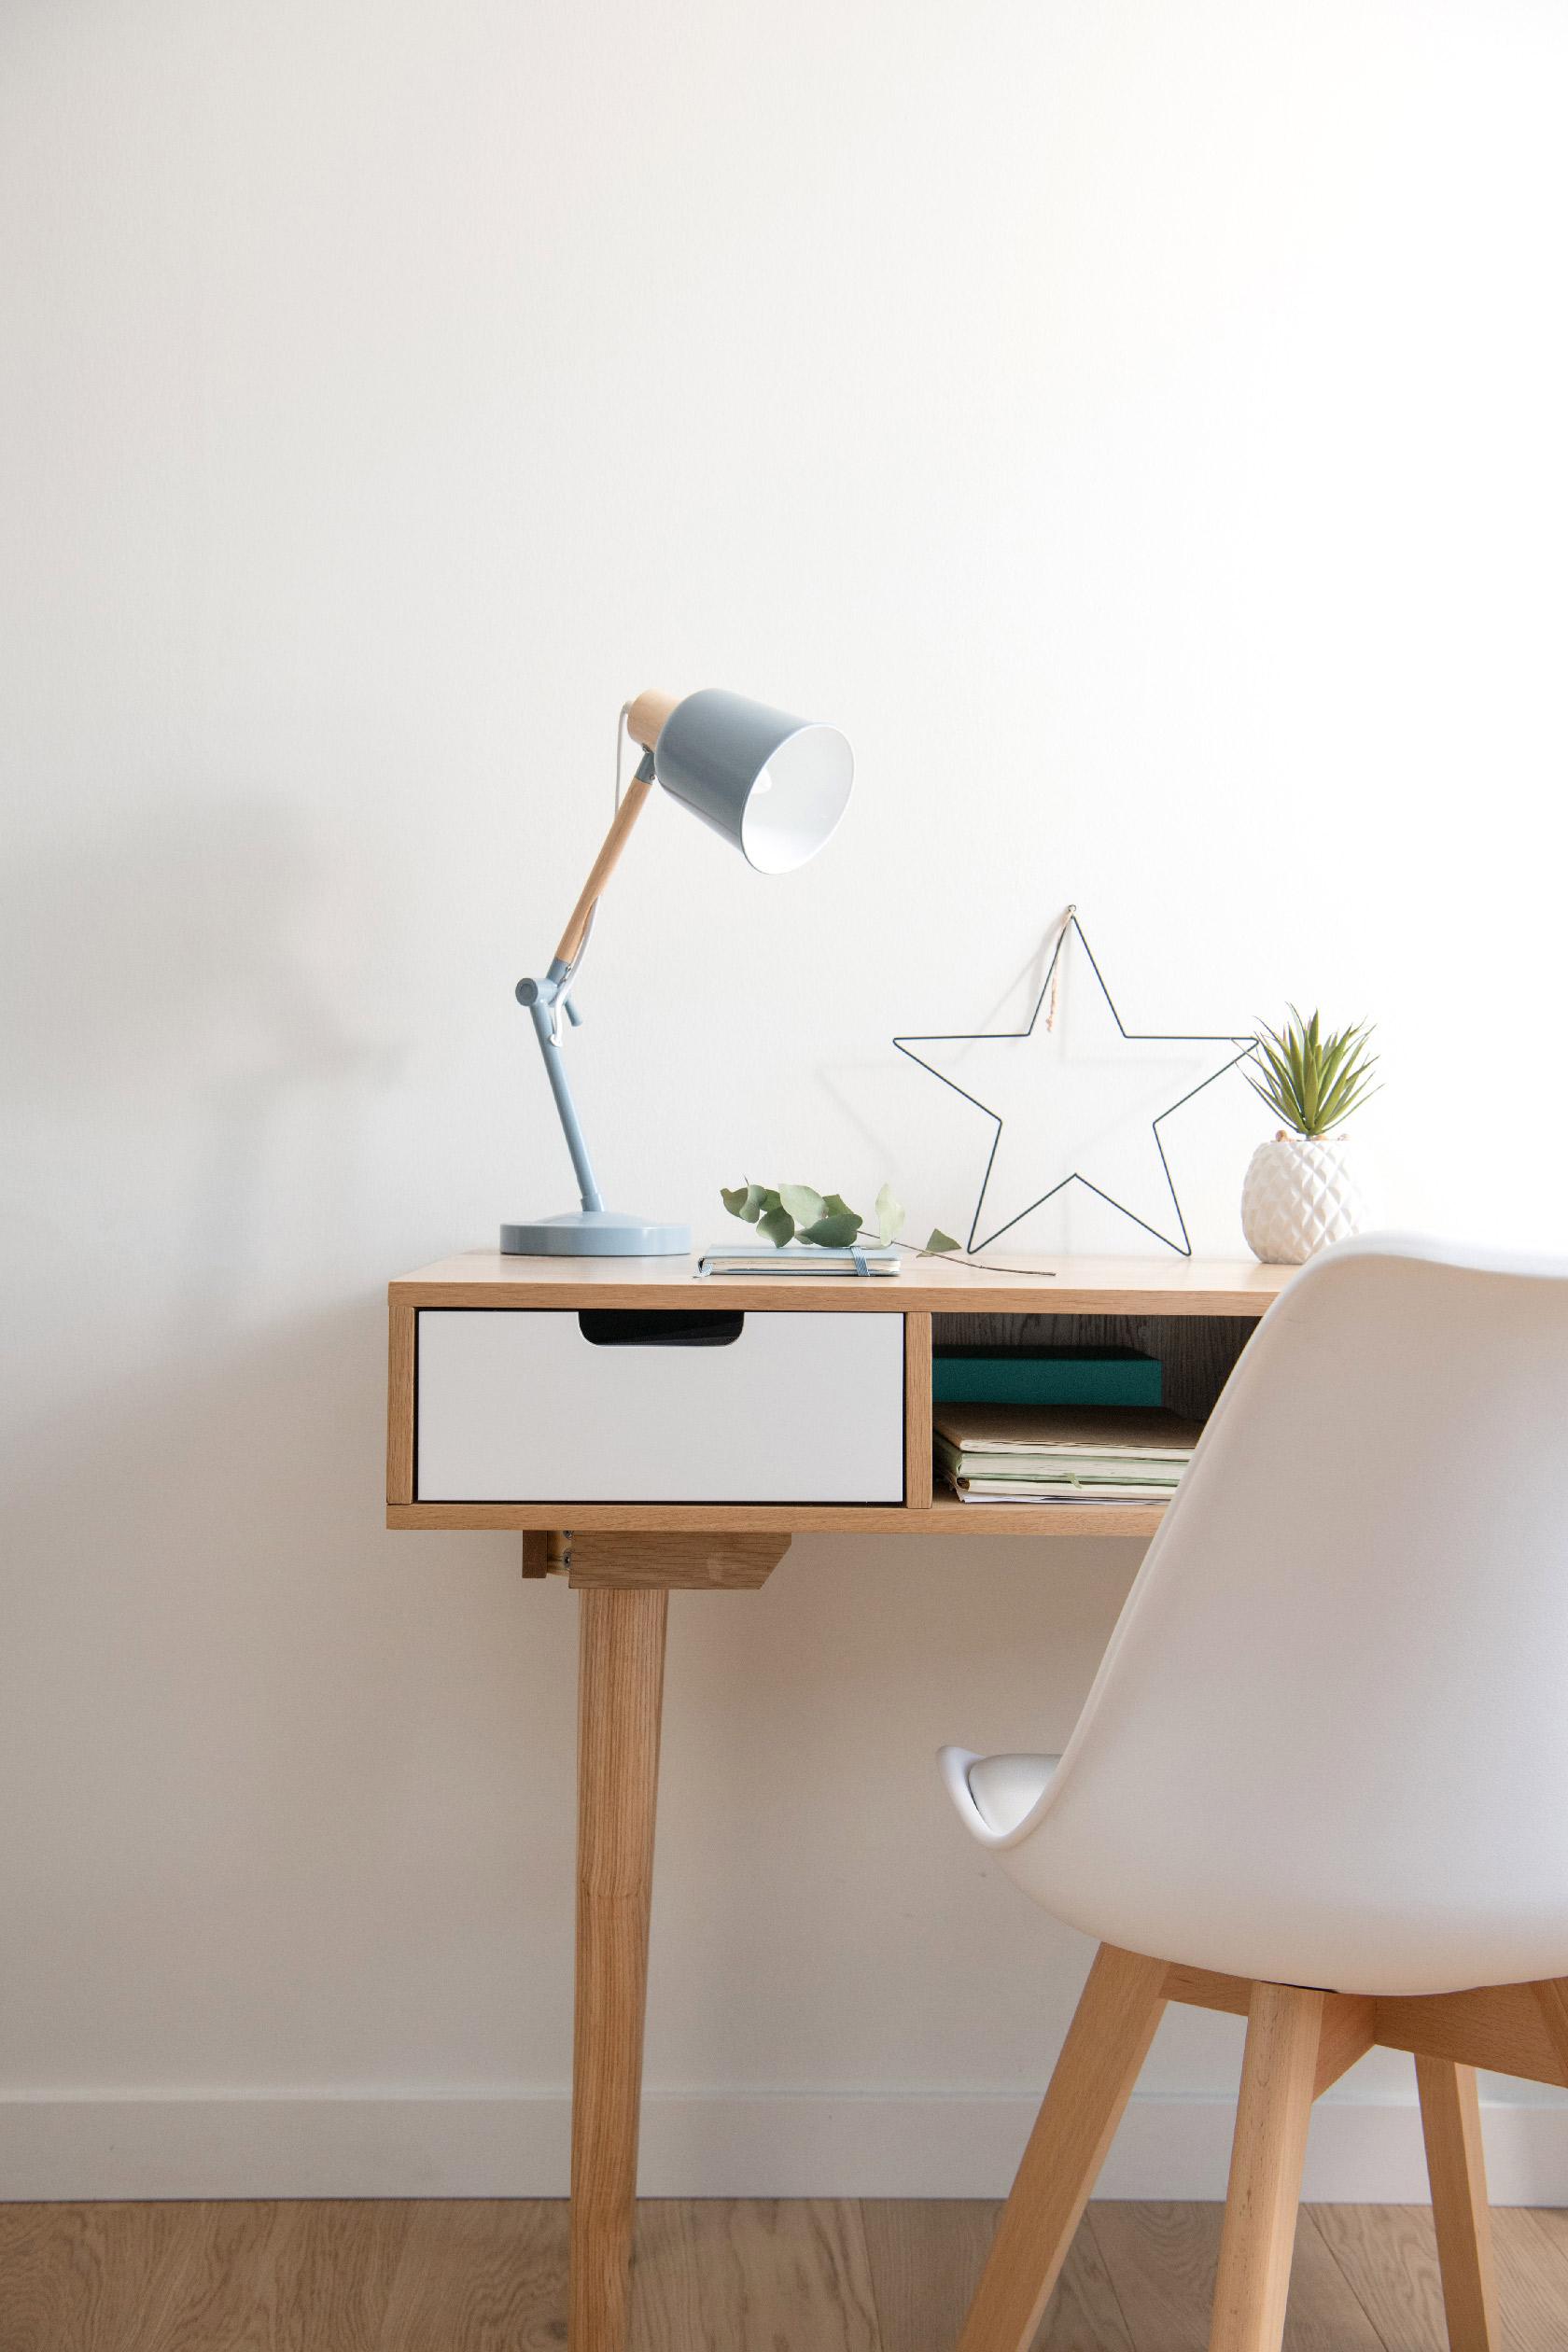 Un bureau de style scandinave prend place devant le mur blanc. Une déco très tendance.